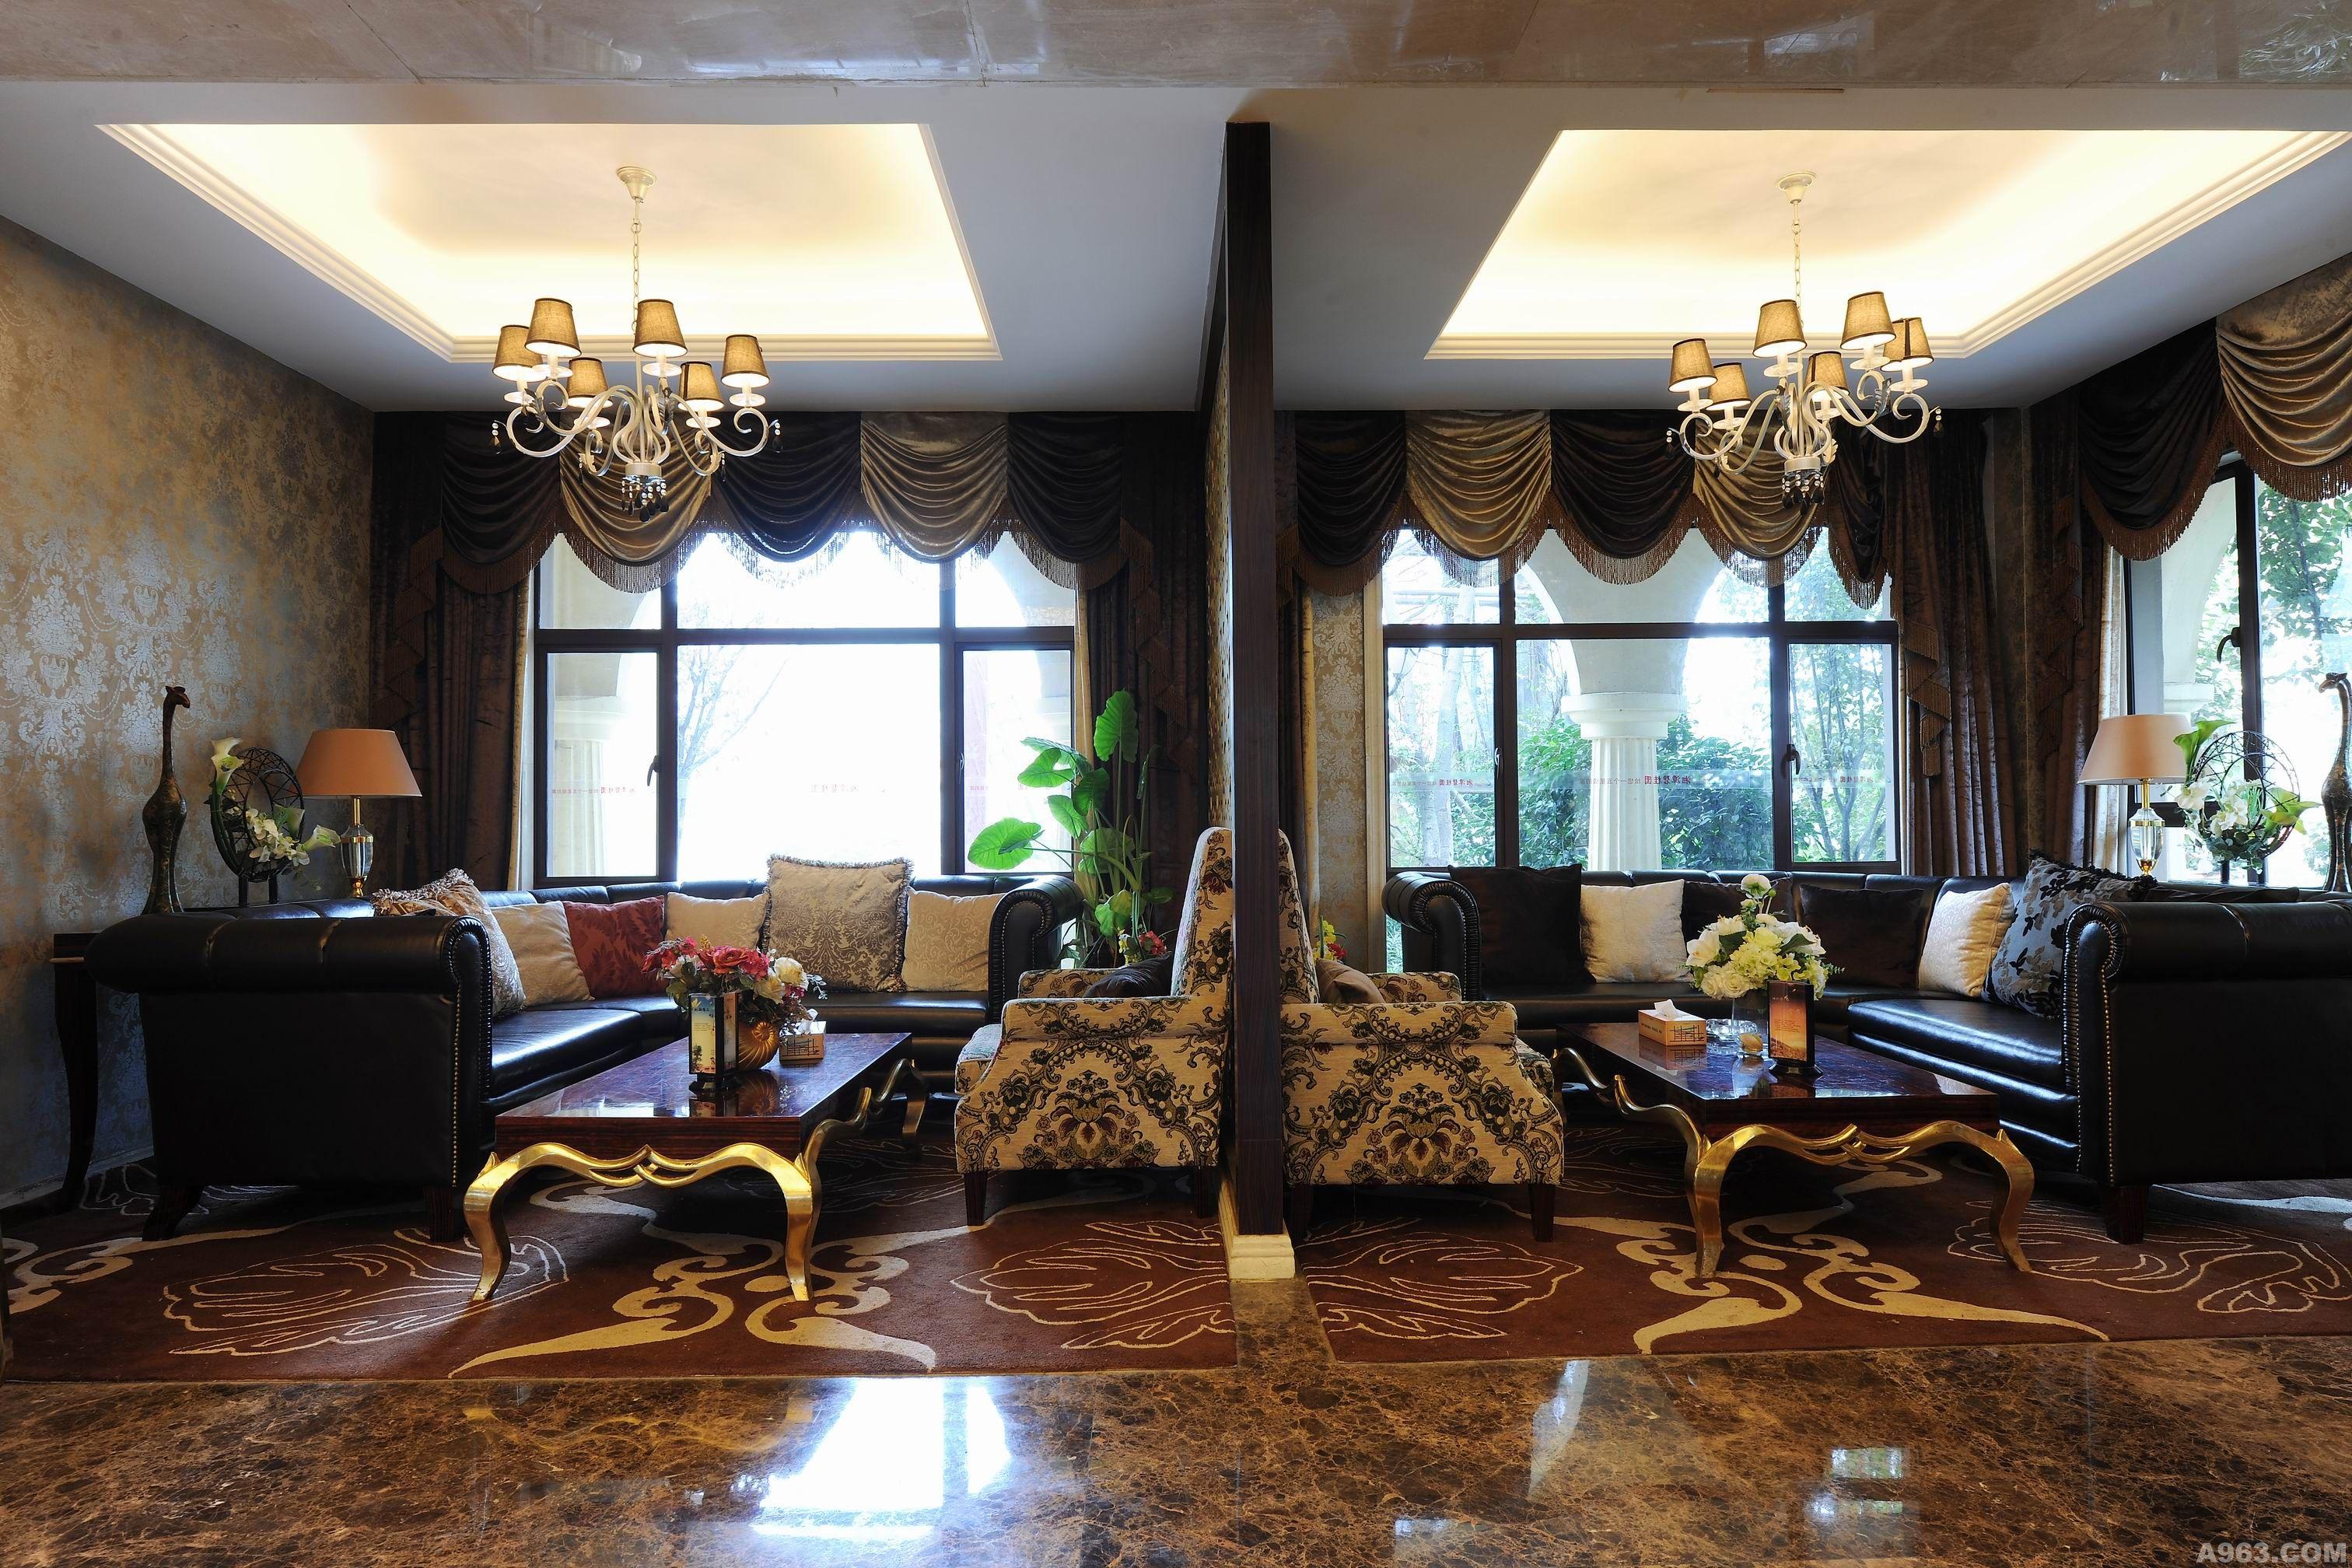 湘潭碧桂园营销中心---颜毅室内设计事务所说明